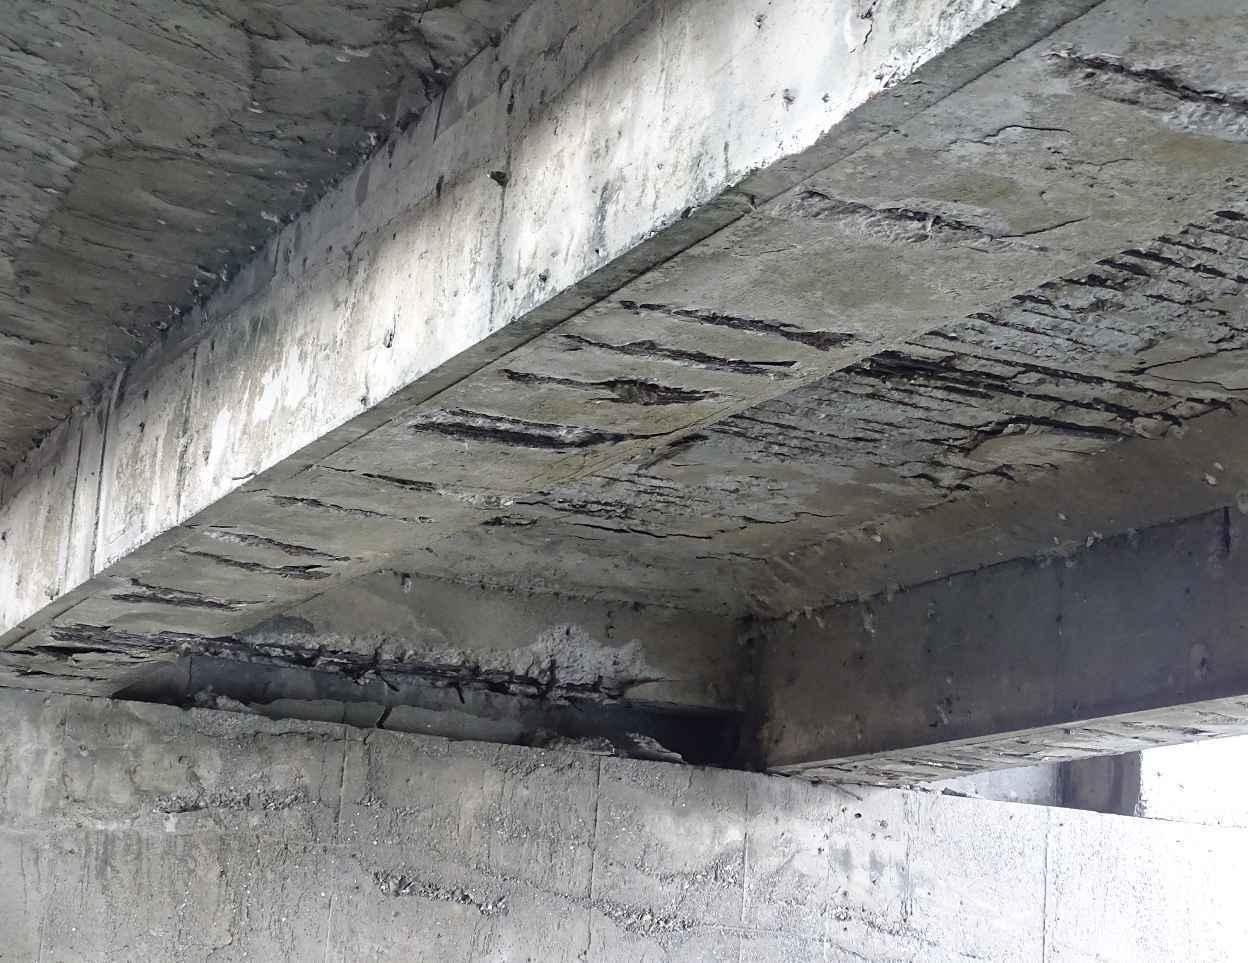 雲林兩百多座橋梁待修評鑑吊車尾 缺錢是主因